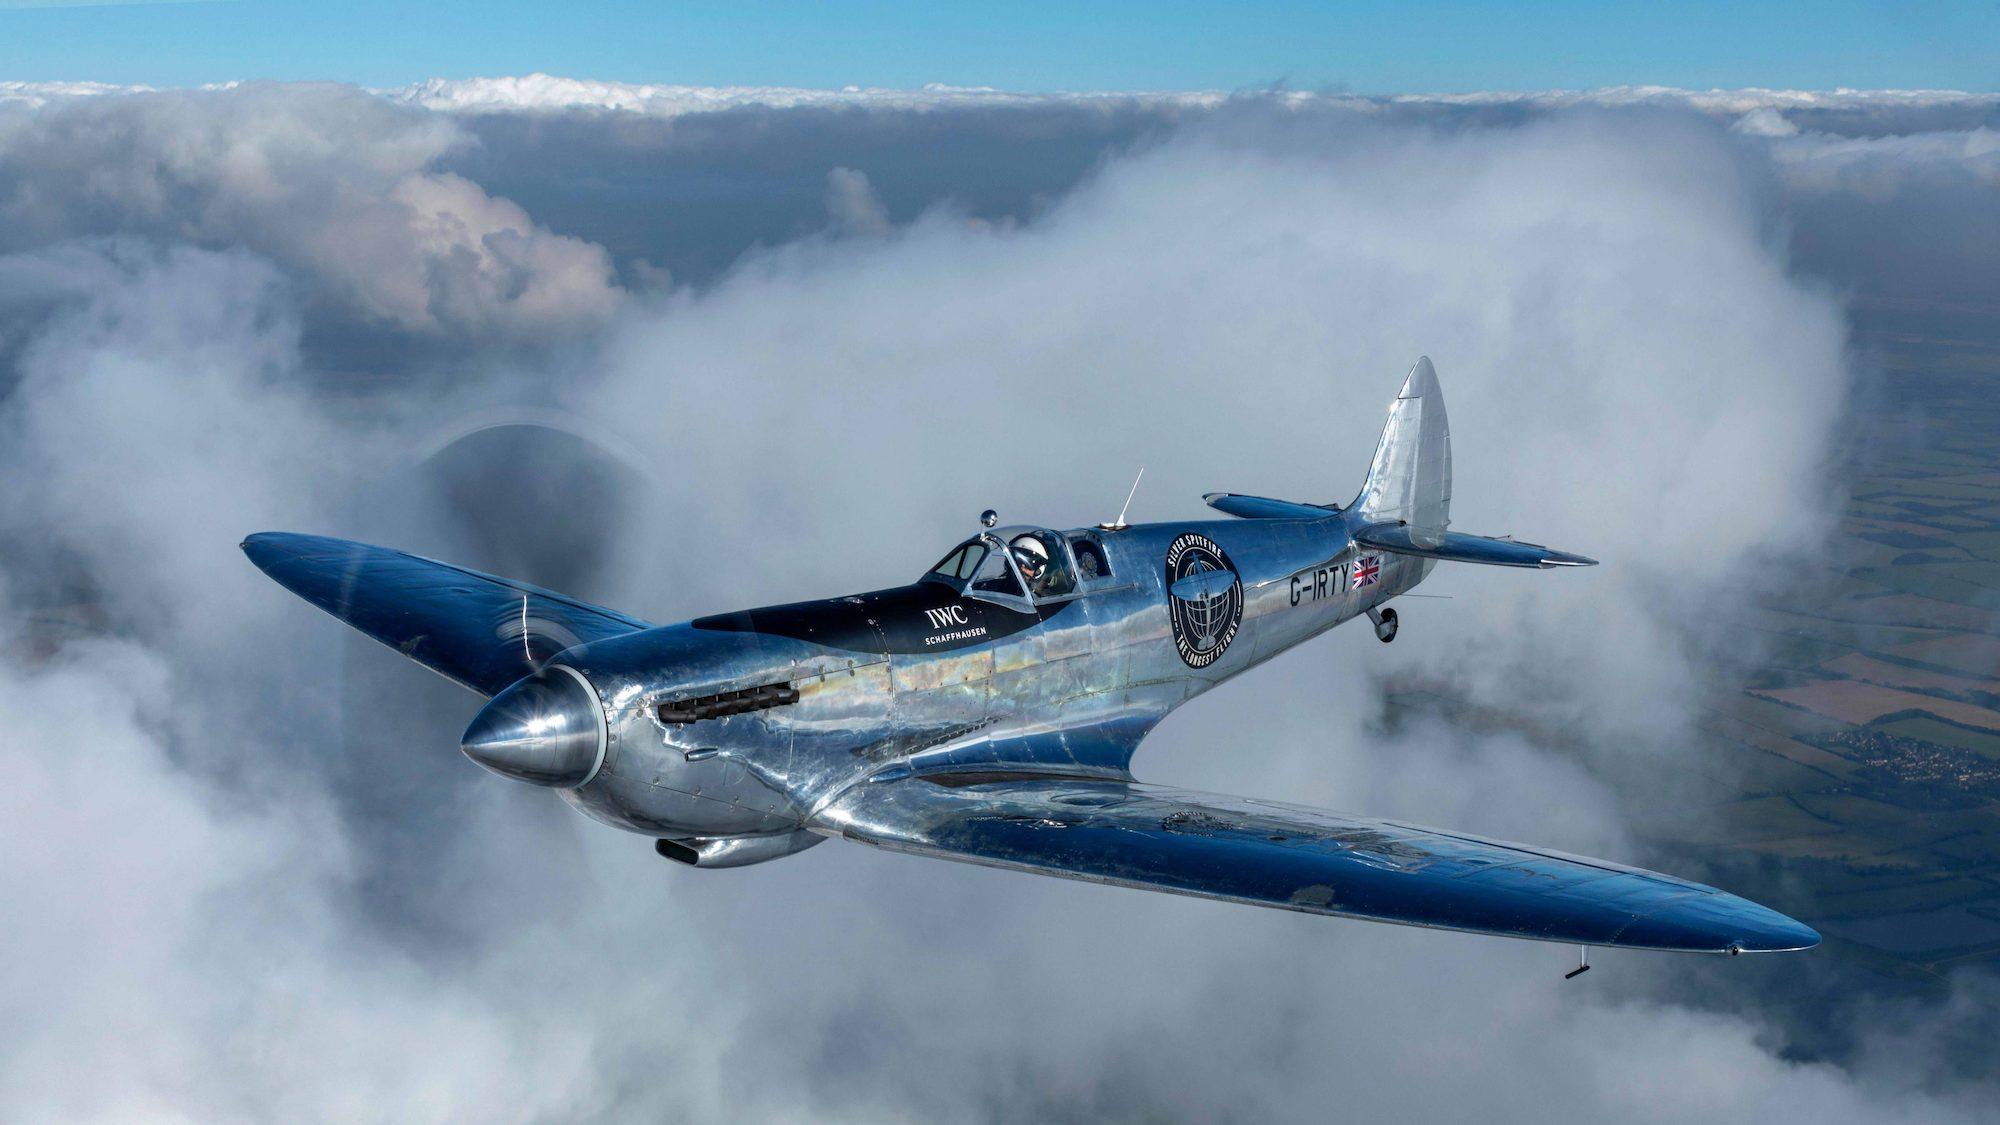 Silver Spitfire MJ271 the longest flight IWC - 1